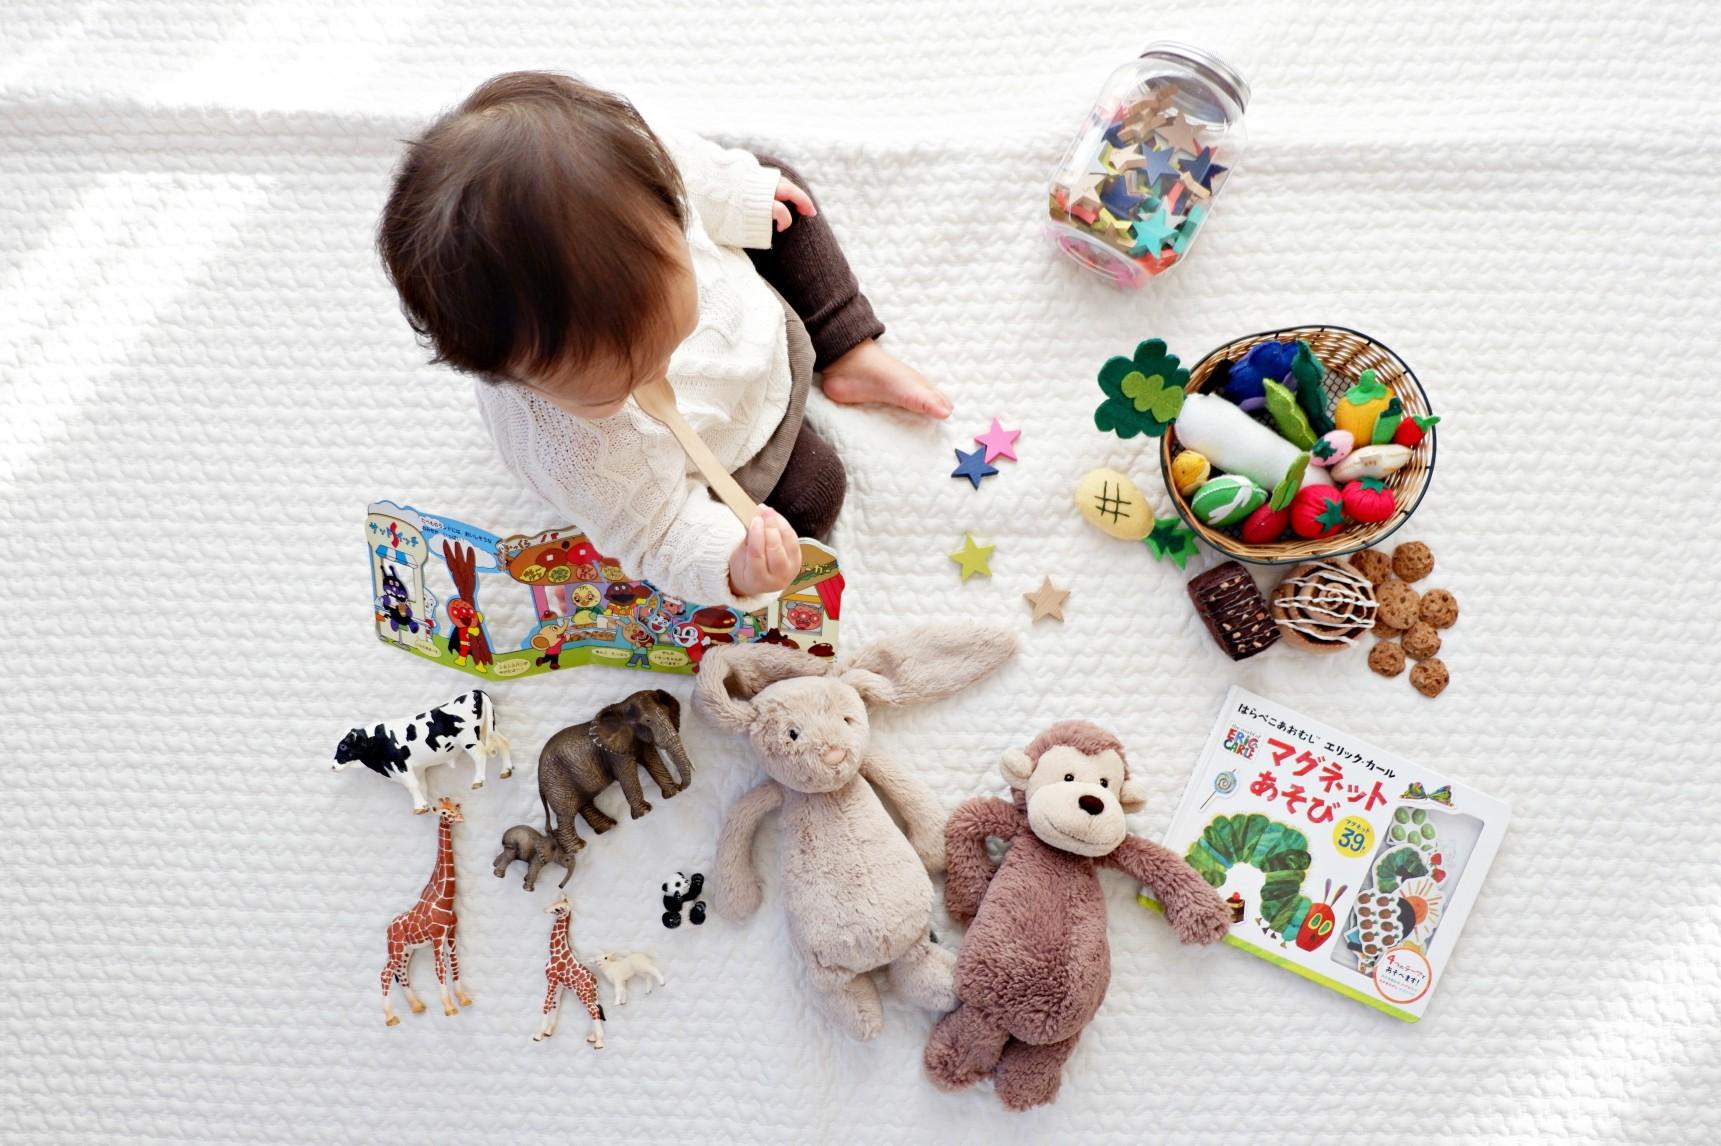 Comportamiento del niño de 2 años